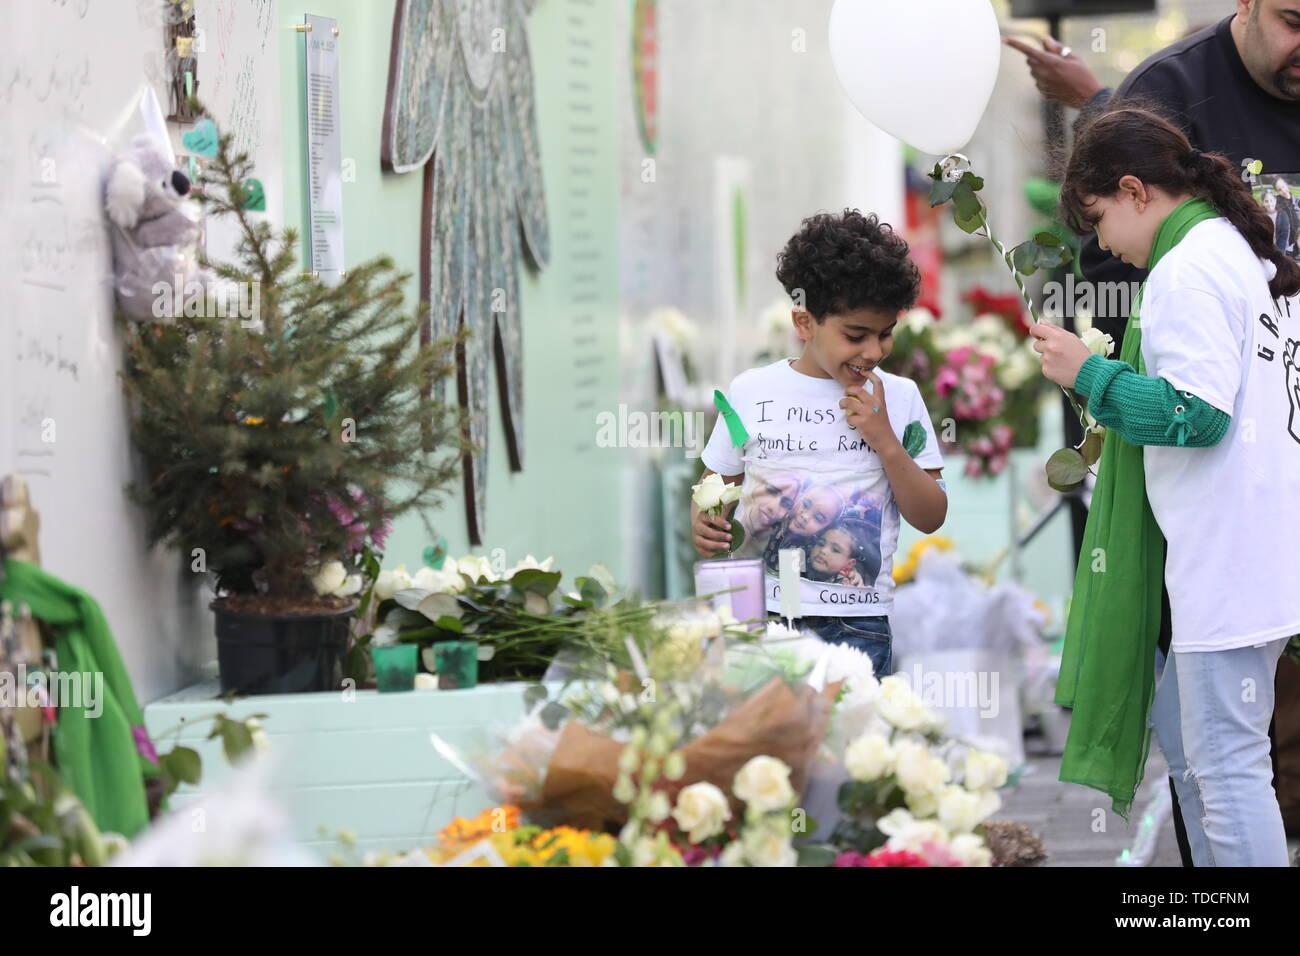 Familie und Freunde der 72 Menschen, die ihr Leben in der Grenfell Hochhaus verloren Blumen während einer Kranzniederlegung Zeremonie ausserhalb Grenfell Tower, London, anlässlich des 2-jährigen Jubiläum. Stockbild